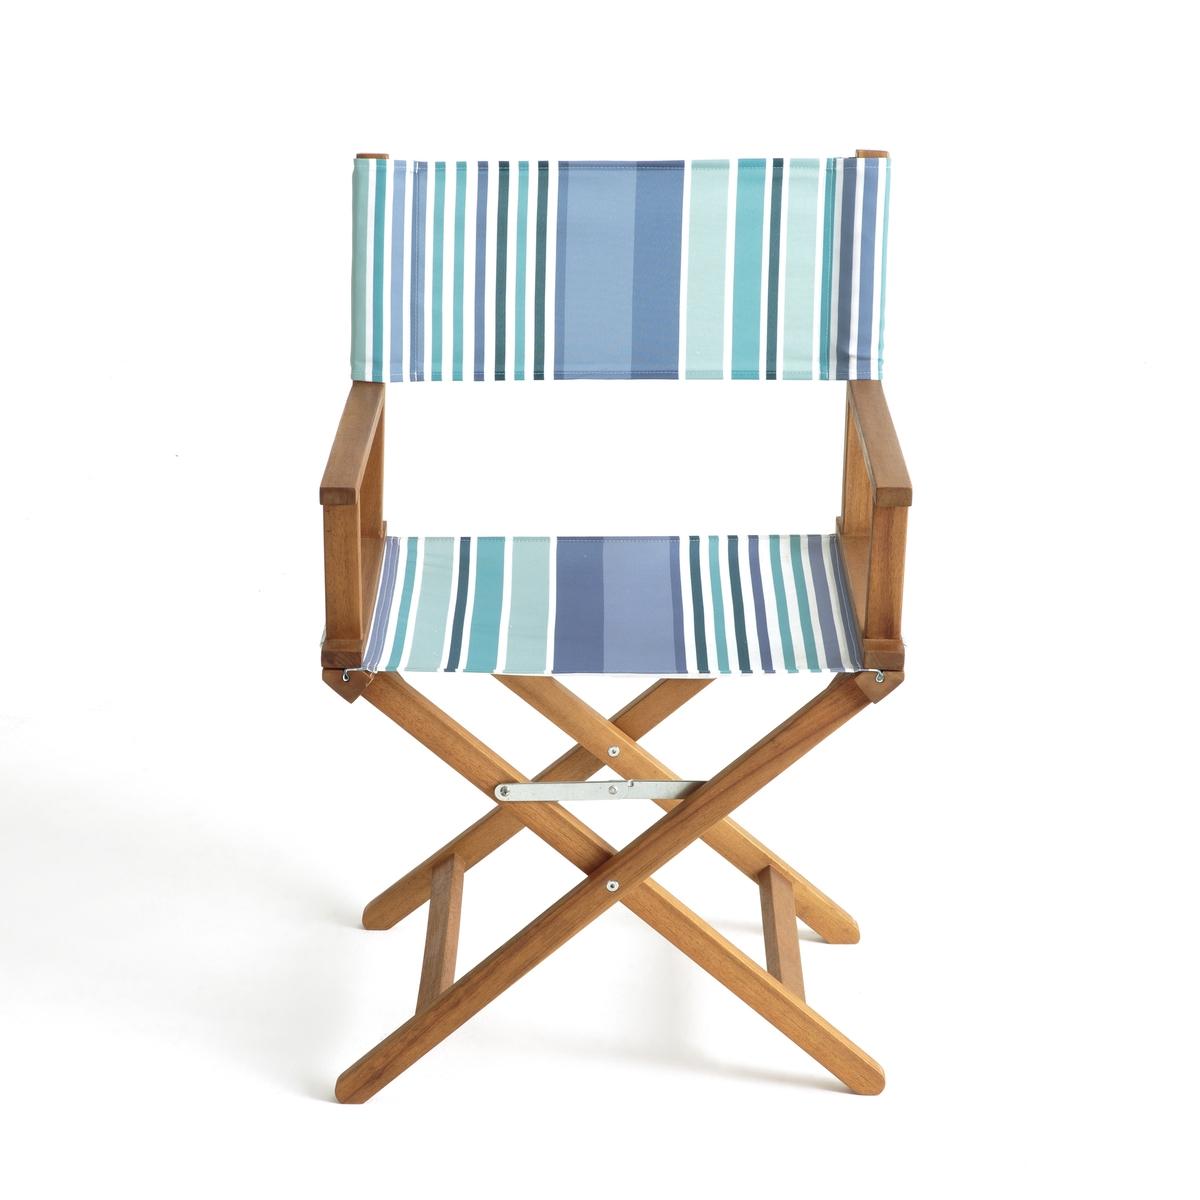 Кресло кинорежиссераВ саду и дома, режиссерское кресло производит сильное впечатление.Характеристики кресла :Из акации с масляной пропиткой. - Покрытие  100% полиэстера .- Полностью складное .Поставляется  собранным, в сложенном виде .Размеры :- Общие: L56/57,5 x H88 x P43 см. Это кресло кинорежиссера для экстерьера может быть доставлено (без доплаты), если необходимо, до вашей квартиры.Вы можете обменять или вернуть кресло в течение 15 дней, предварительно оговорив это при покупке.<br><br>Цвет: синяя полоска